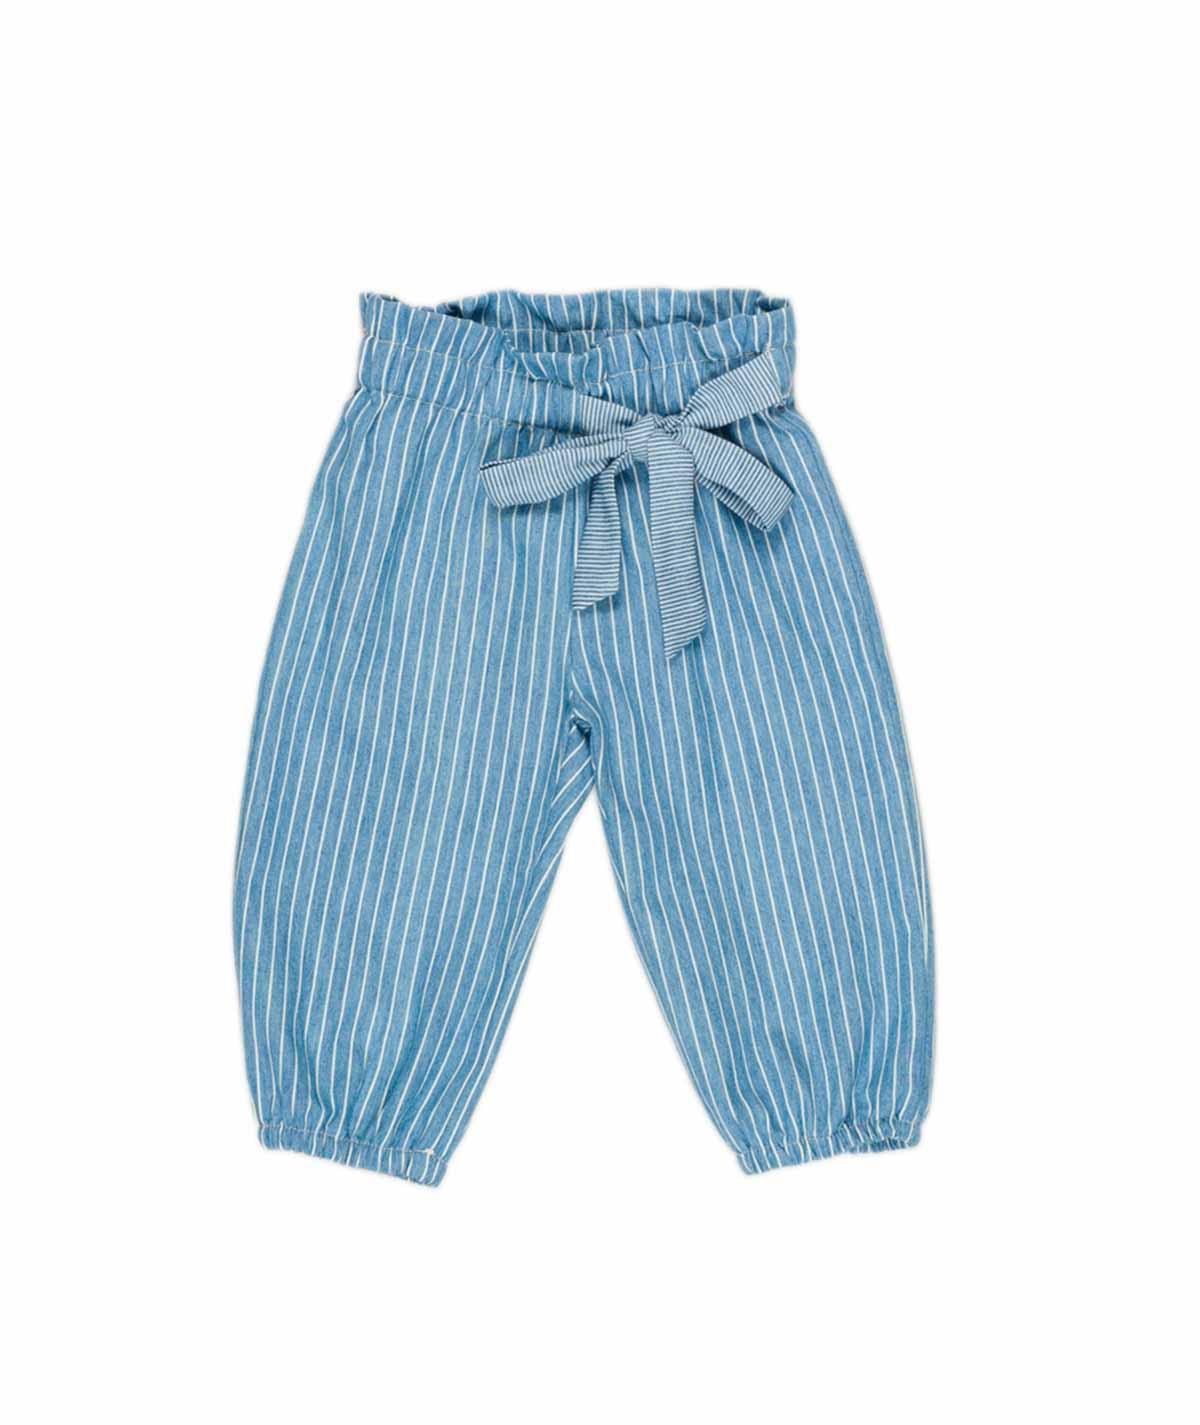 Pantalone Meilisa Bai MEILISA BAI | Pantalone | FL2804